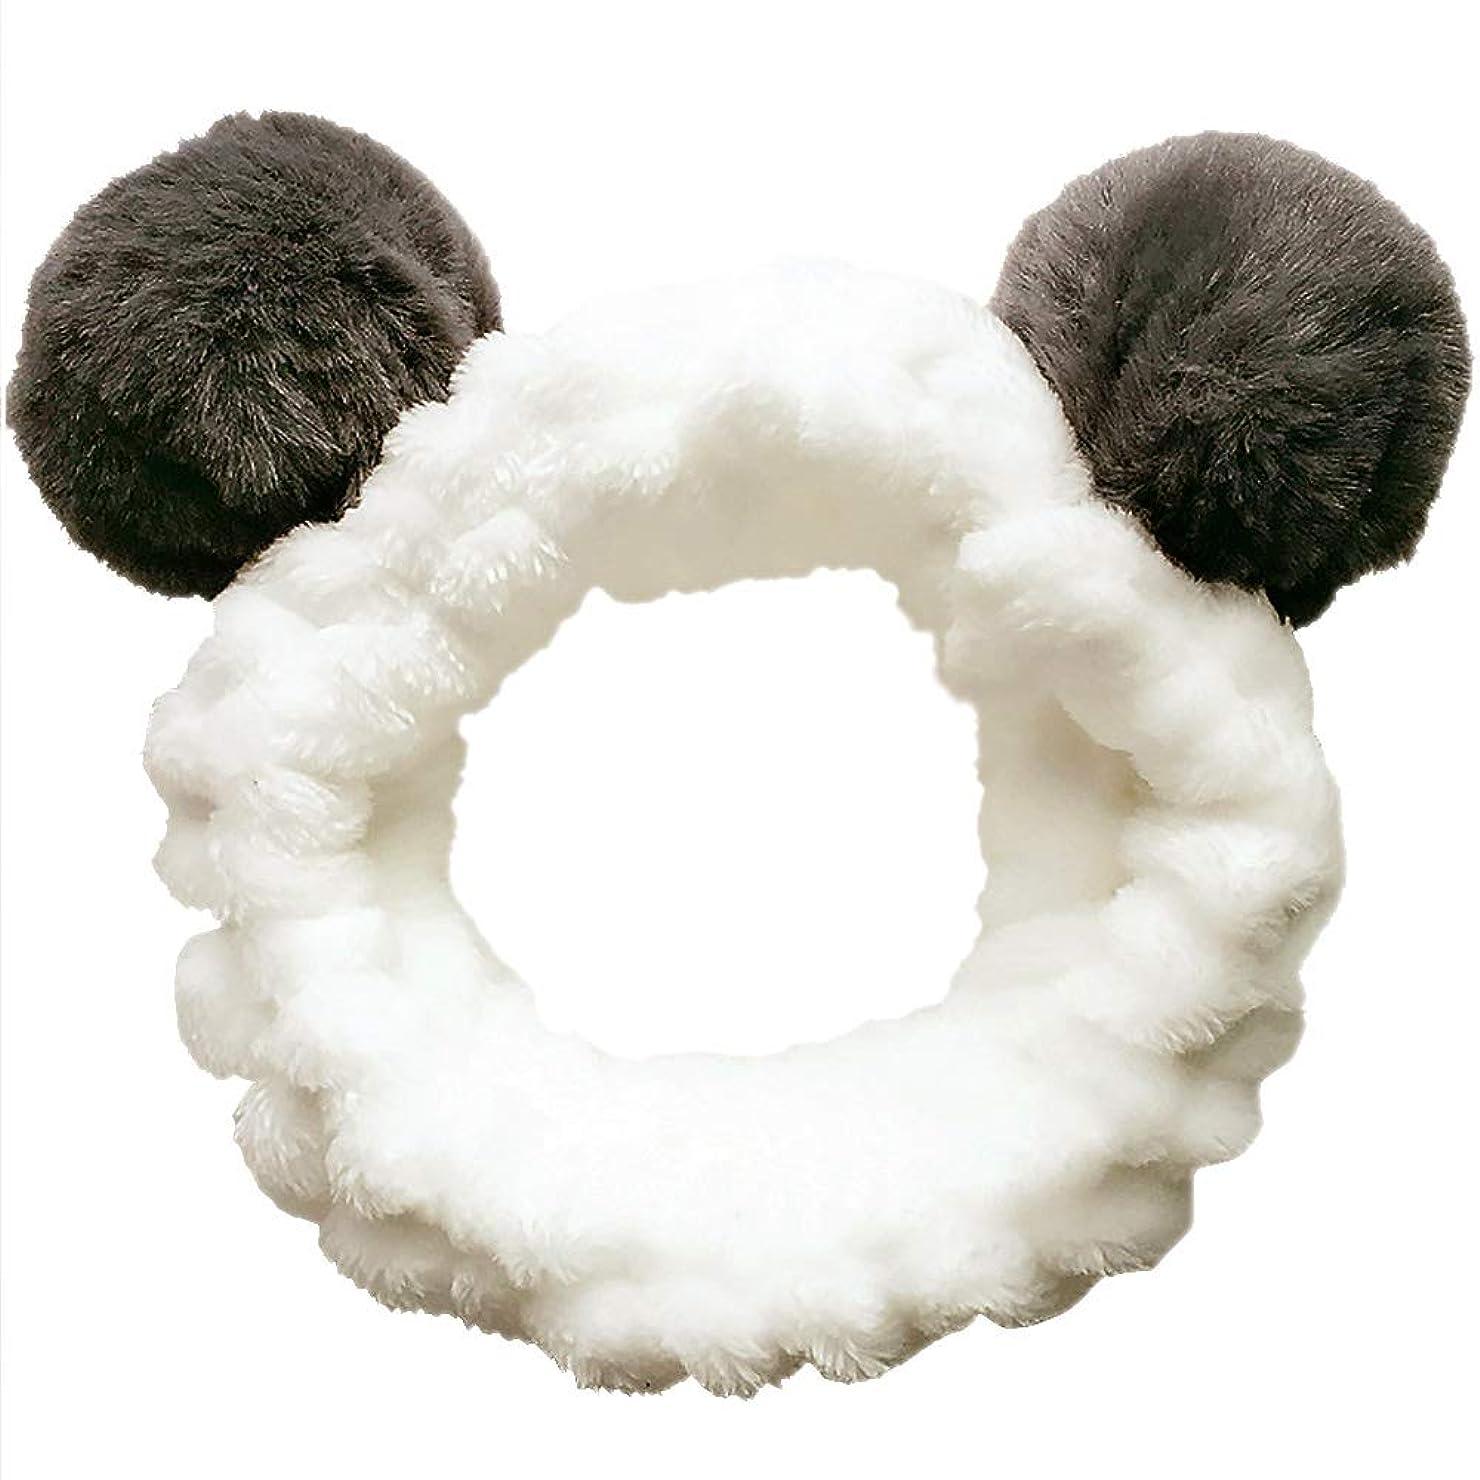 以来かもめ防衛ヘアバンド 洗顔 動物 パンダ型 柔らかい 吸水 ターバン レディース ヘアアレンジ 伸縮性あり アニマル ふわふわ